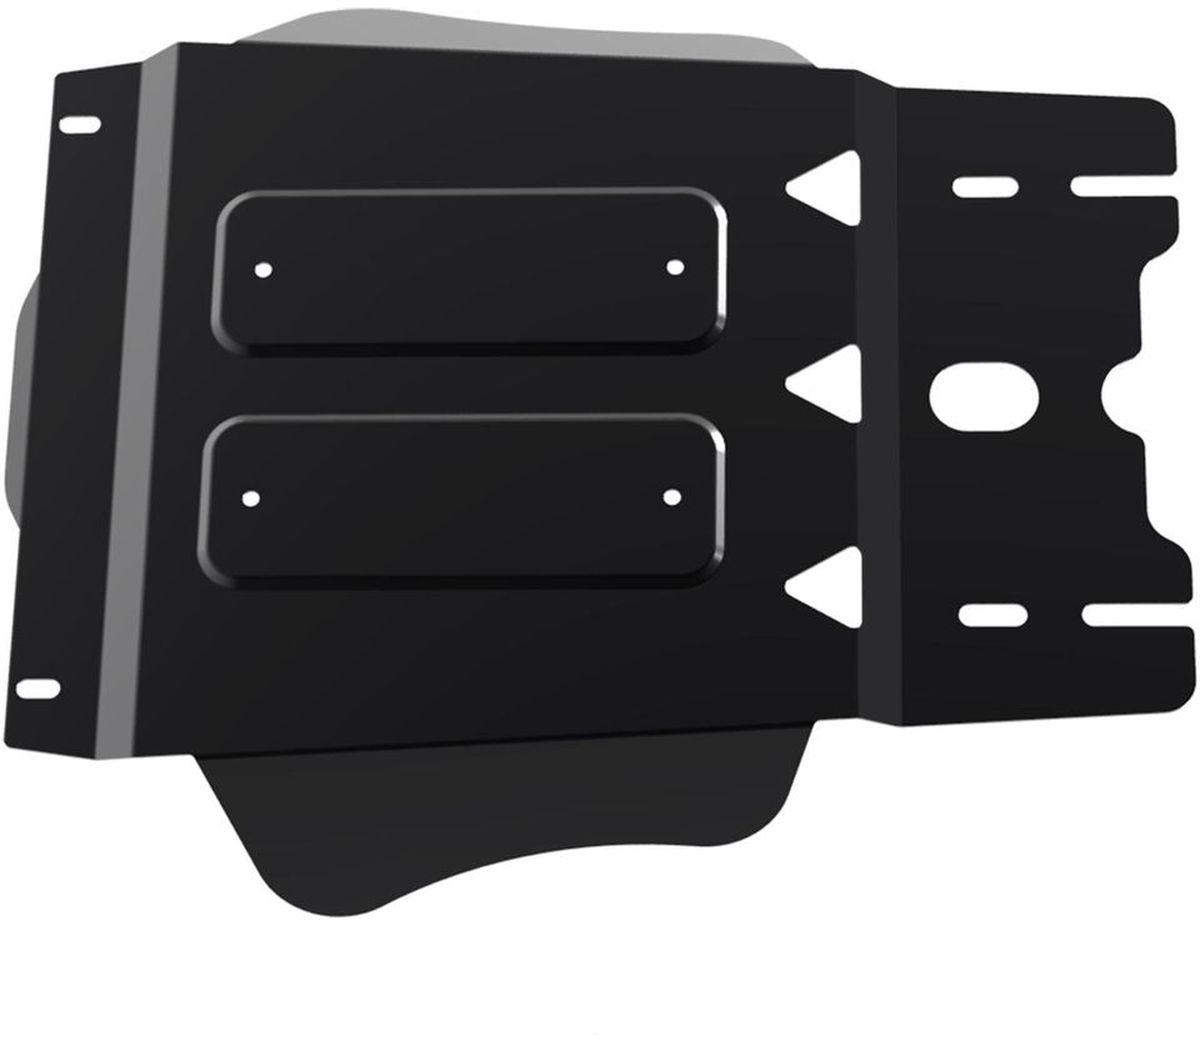 Защита КПП Автоброня Volkswagen Touareg 2006-2010, сталь 2 мм111.05802.1Защита КПП Автоброня Volkswagen Touareg, V- 2,5; 3,0; 3,6; 4,2; 6,0 2006-2010, сталь 2 мм, комплект крепежа, 111.05802.1Дополнительно можно приобрести другие защитные элементы из комплекта: защита картера - 111.05801.1, защита РК - 111.05803.1Стальные защиты Автоброня надежно защищают ваш автомобиль от повреждений при наезде на бордюры, выступающие канализационные люки, кромки поврежденного асфальта или при ремонте дорог, не говоря уже о загородных дорогах.- Имеют оптимальное соотношение цена-качество.- Спроектированы с учетом особенностей автомобиля, что делает установку удобной.- Защита устанавливается в штатные места кузова автомобиля.- Является надежной защитой для важных элементов на протяжении долгих лет.- Глубокий штамп дополнительно усиливает конструкцию защиты.- Подштамповка в местах крепления защищает крепеж от срезания.- Технологические отверстия там, где они необходимы для смены масла и слива воды, оборудованные заглушками, закрепленными на защите.Толщина стали 2 мм.В комплекте крепеж и инструкция по установке.Уважаемые клиенты!Обращаем ваше внимание на тот факт, что защита имеет форму, соответствующую модели данного автомобиля. Наличие глубокого штампа и лючков для смены фильтров/масла предусмотрено не на всех защитах. Фото служит для визуального восприятия товара.